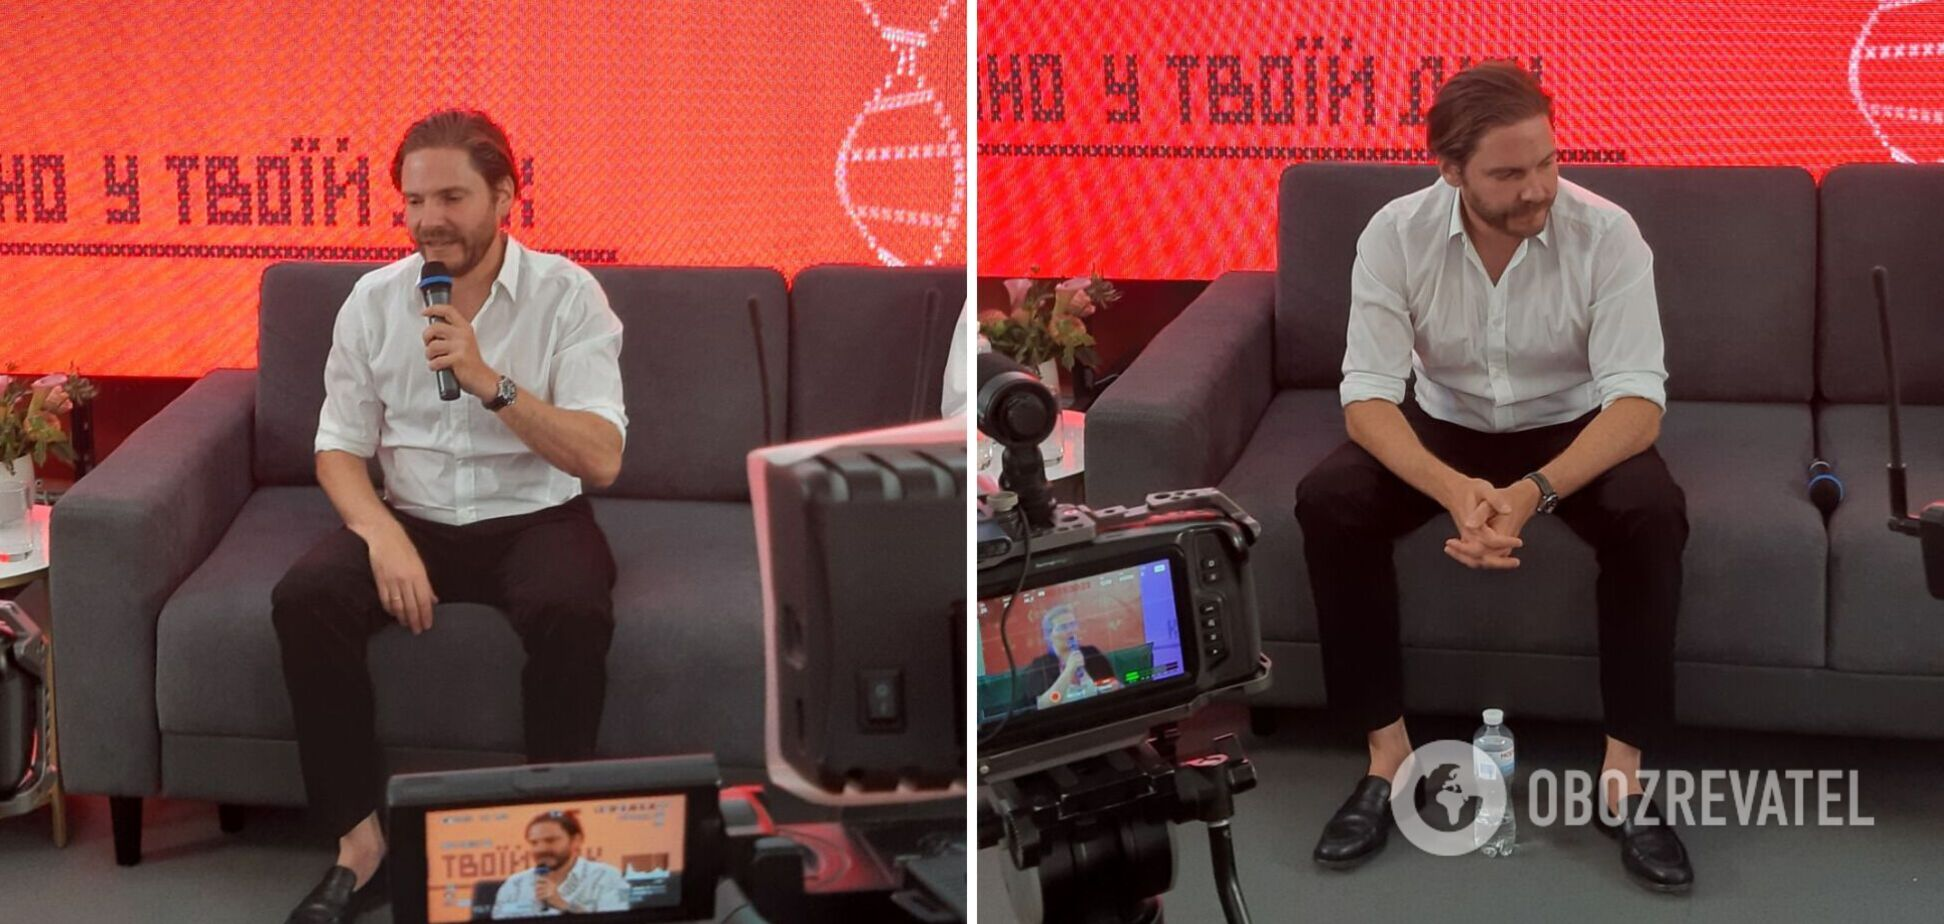 Звезда 'Мстителей' Даниэль Брюль – о съемках в Украине: я готов